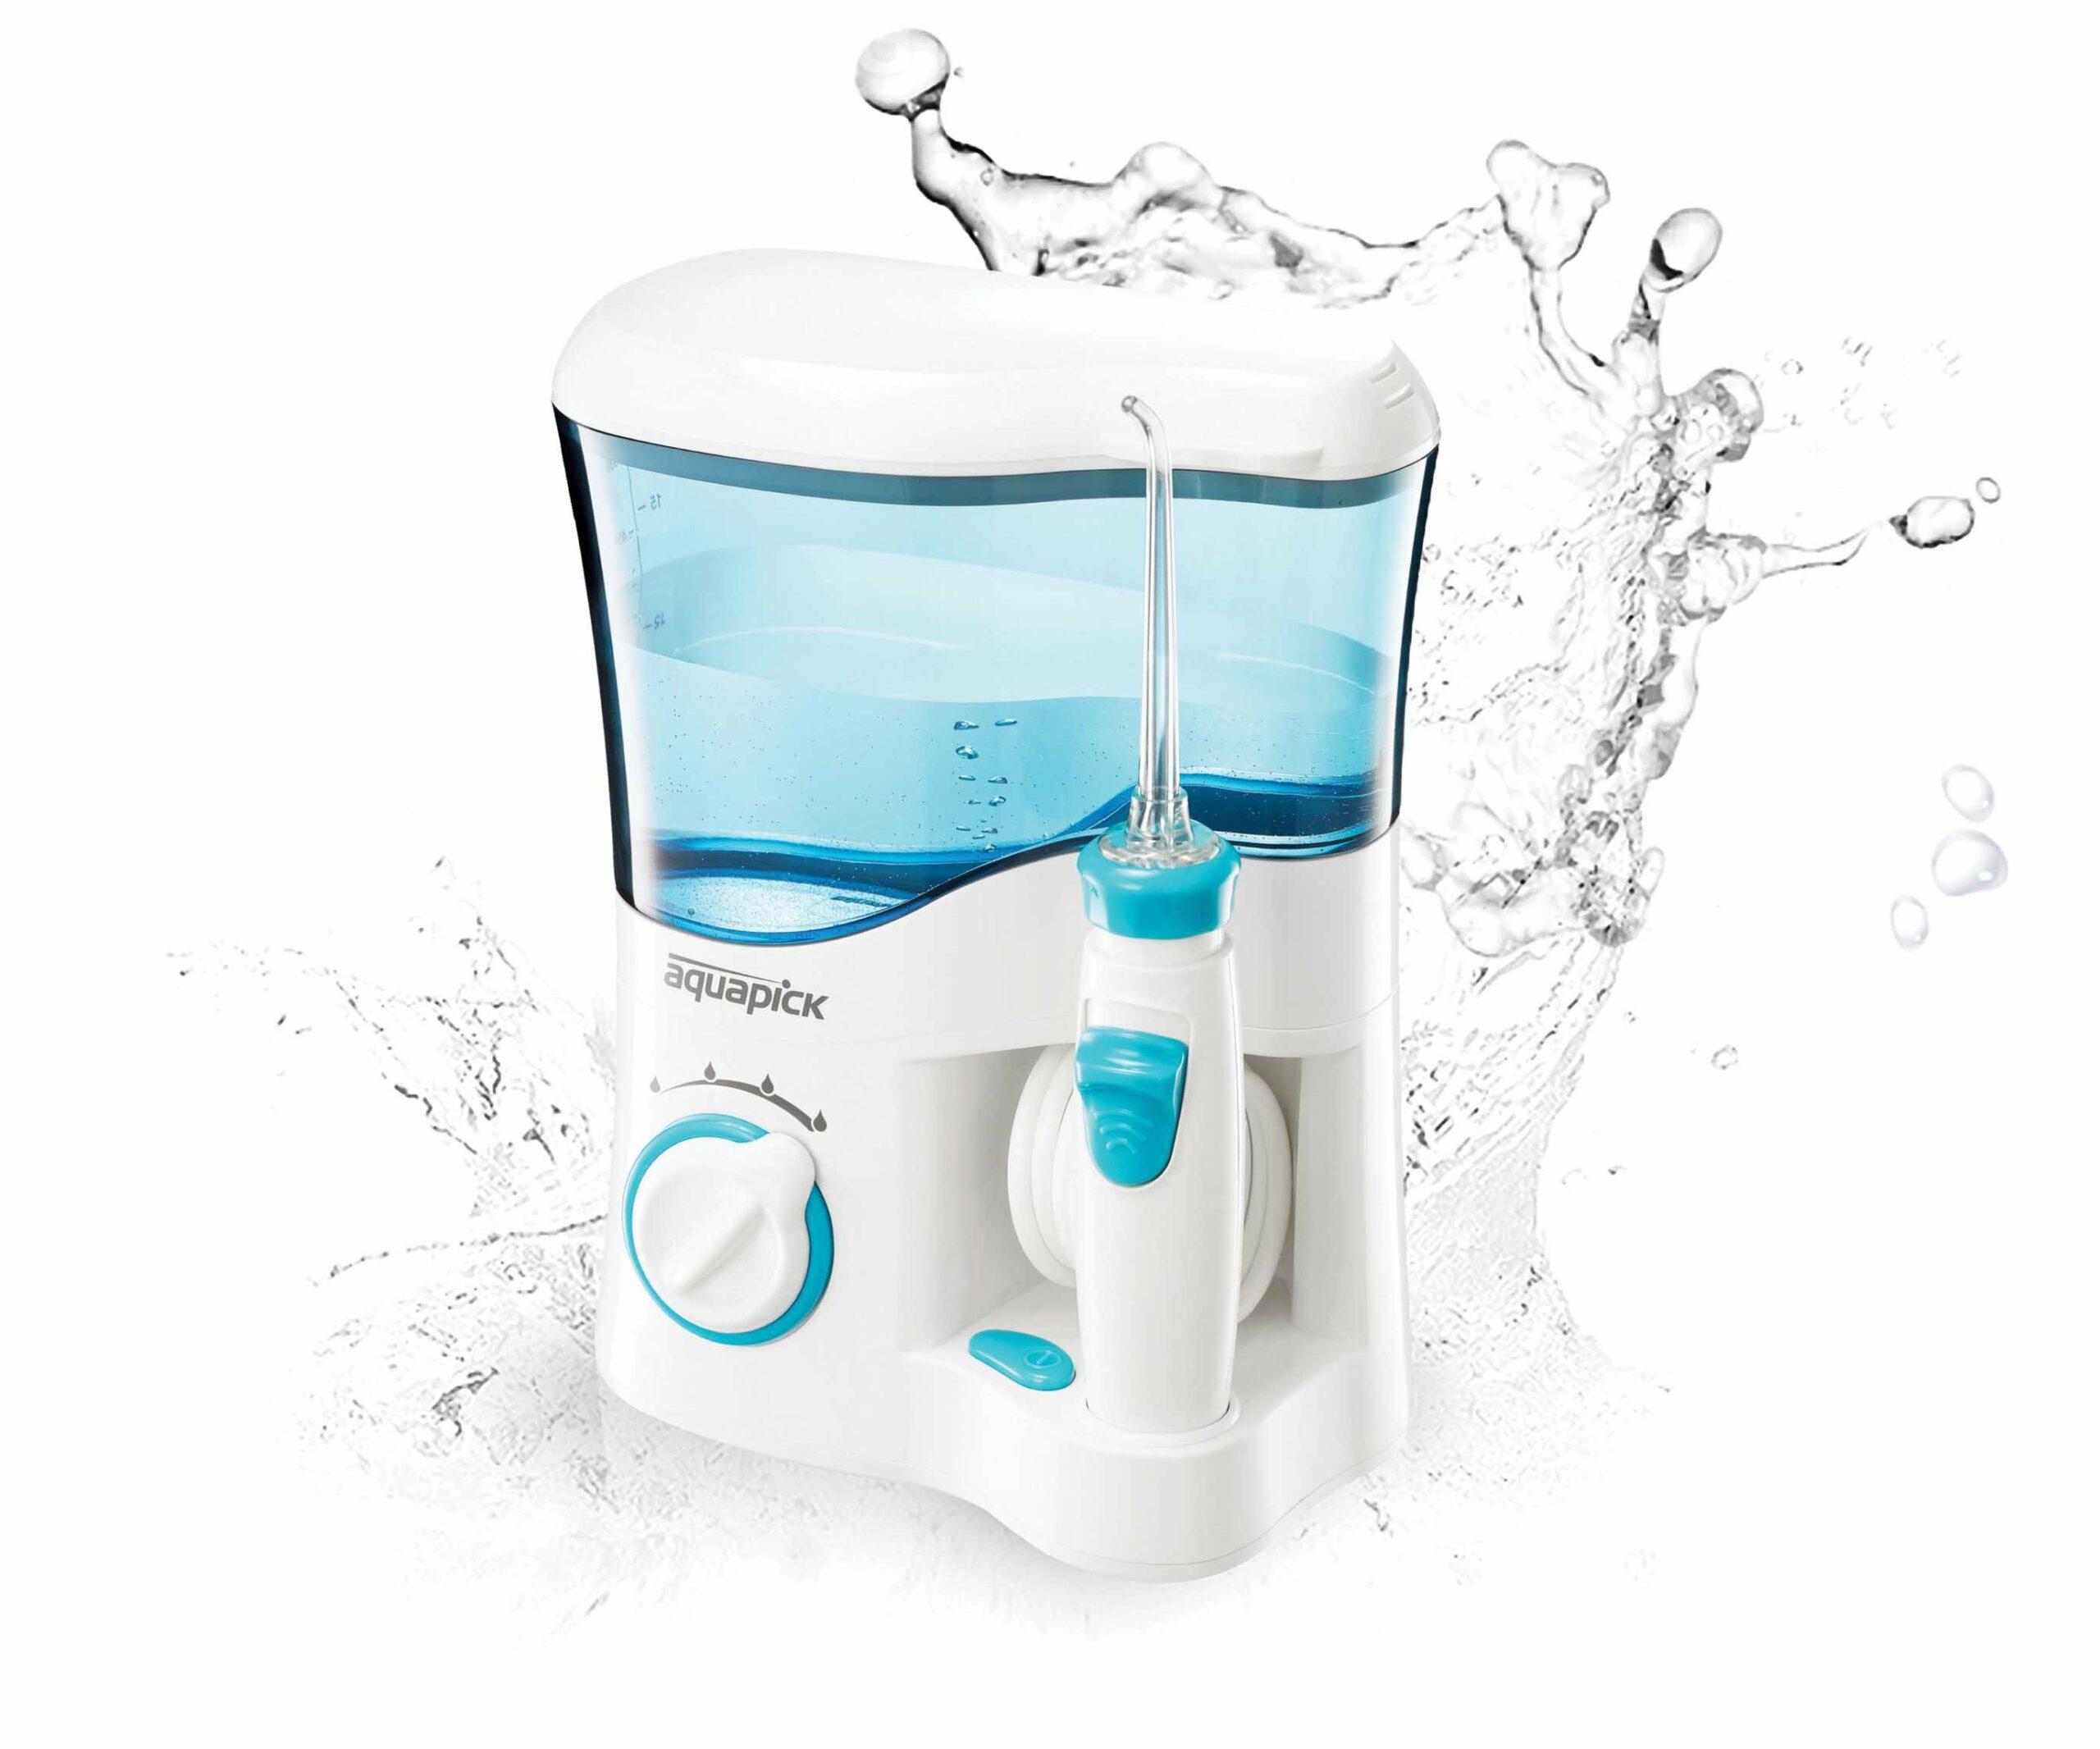 Aquapick AQ-300 Water Flosser - Advanced Oral Irrigation System